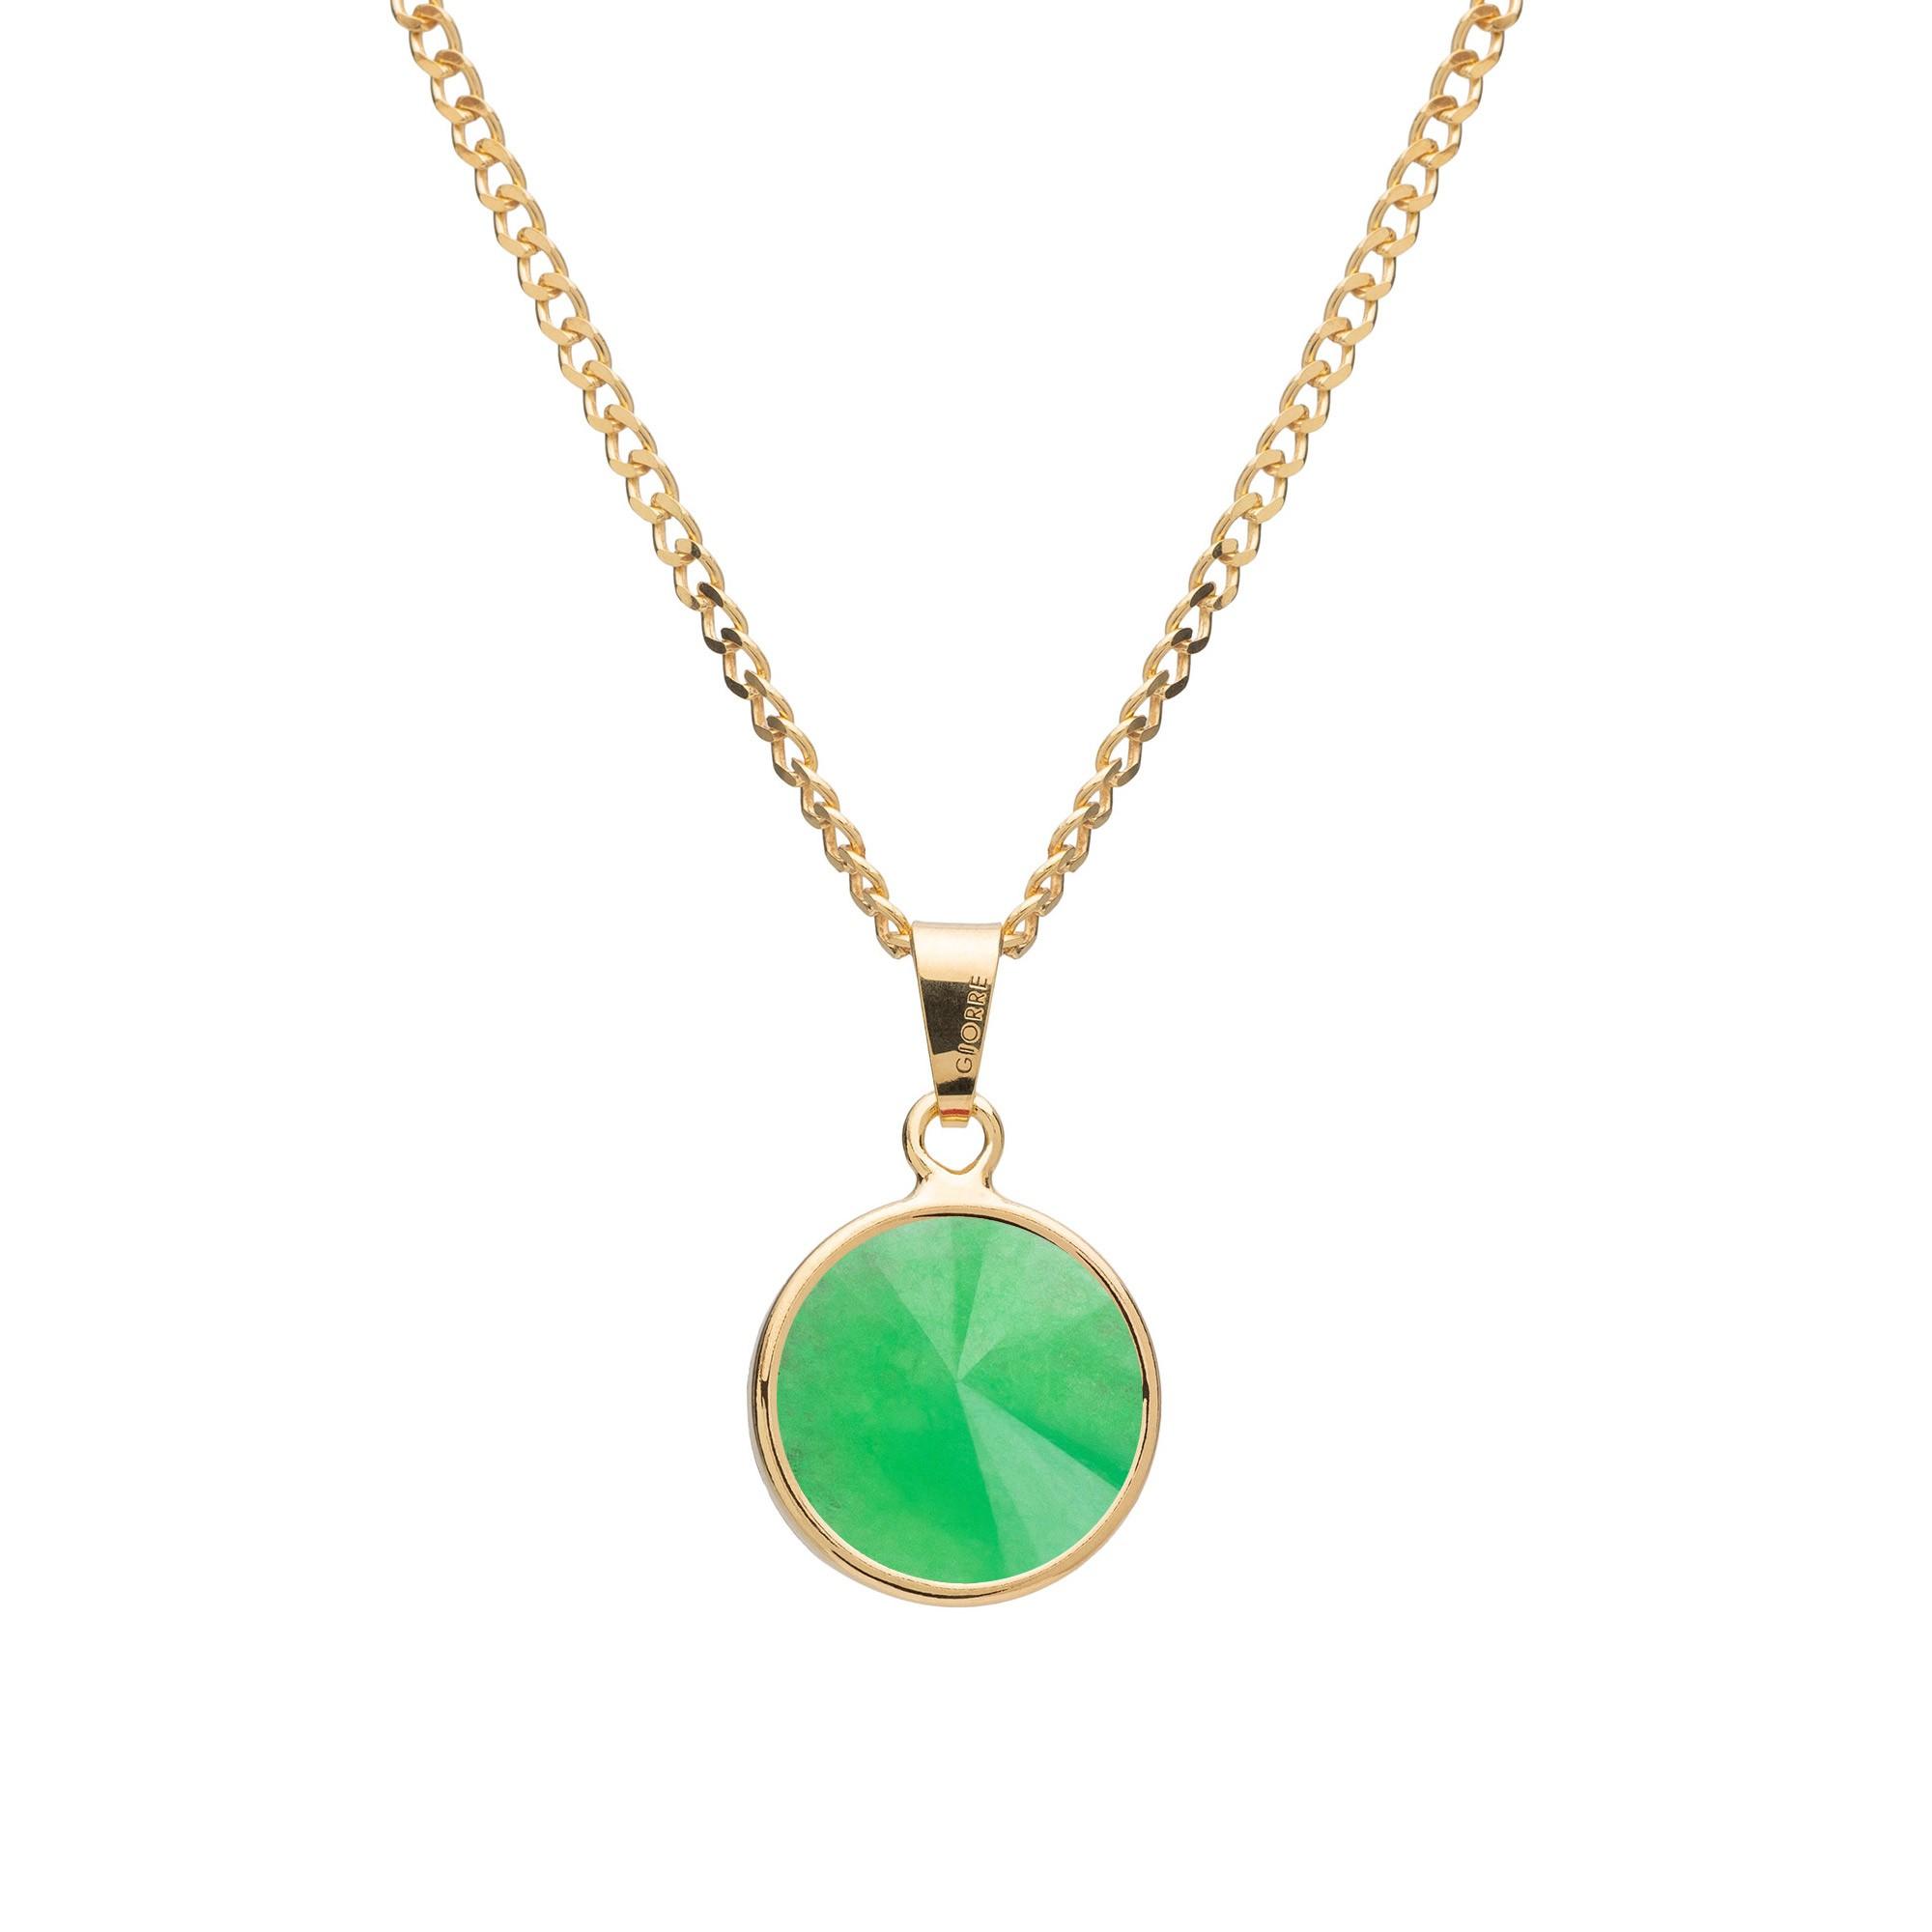 Srebrny naszyjnik z naturalnym kamieniem - chryzopraz ciemny zielony srebro 925